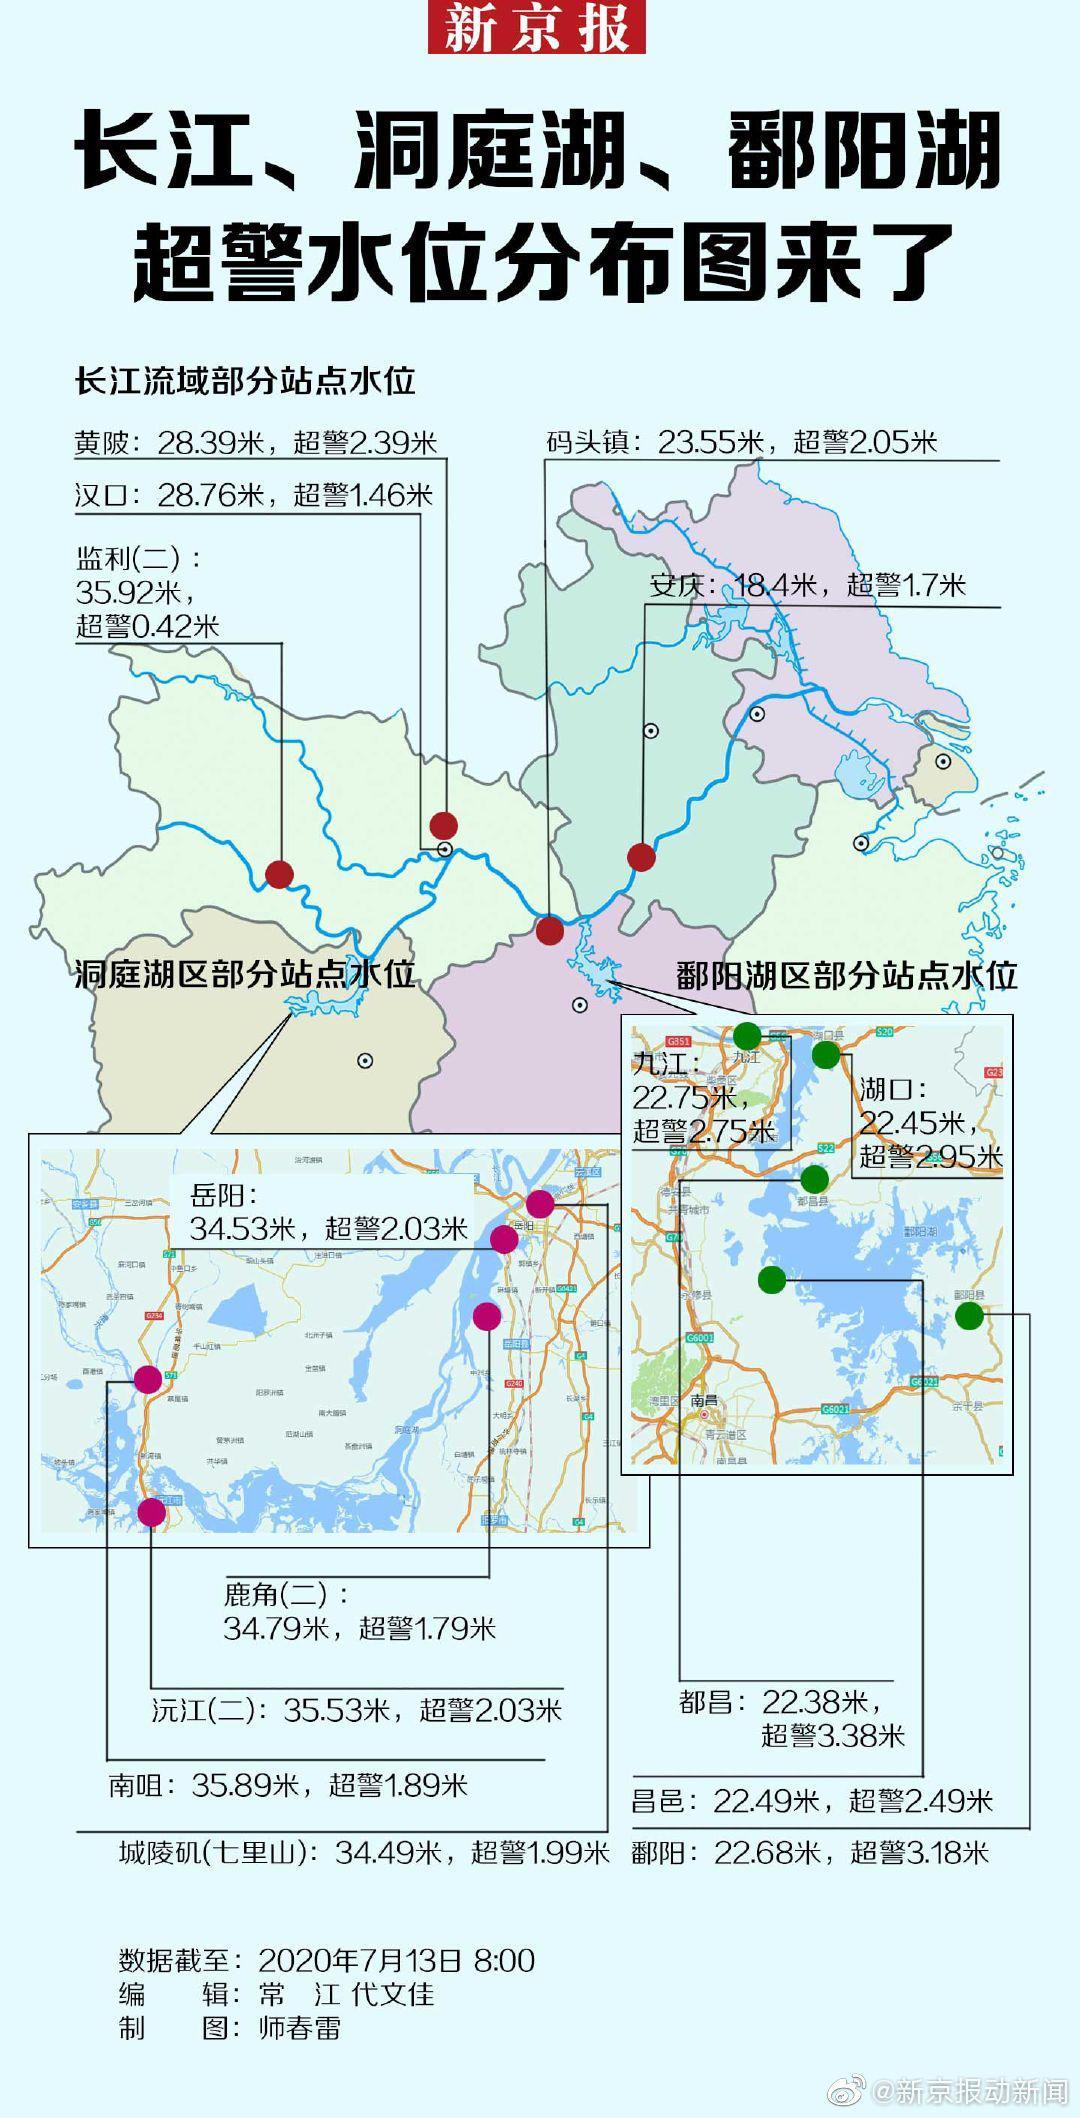 长江、洞庭湖、鄱阳湖超警水位分布图来了